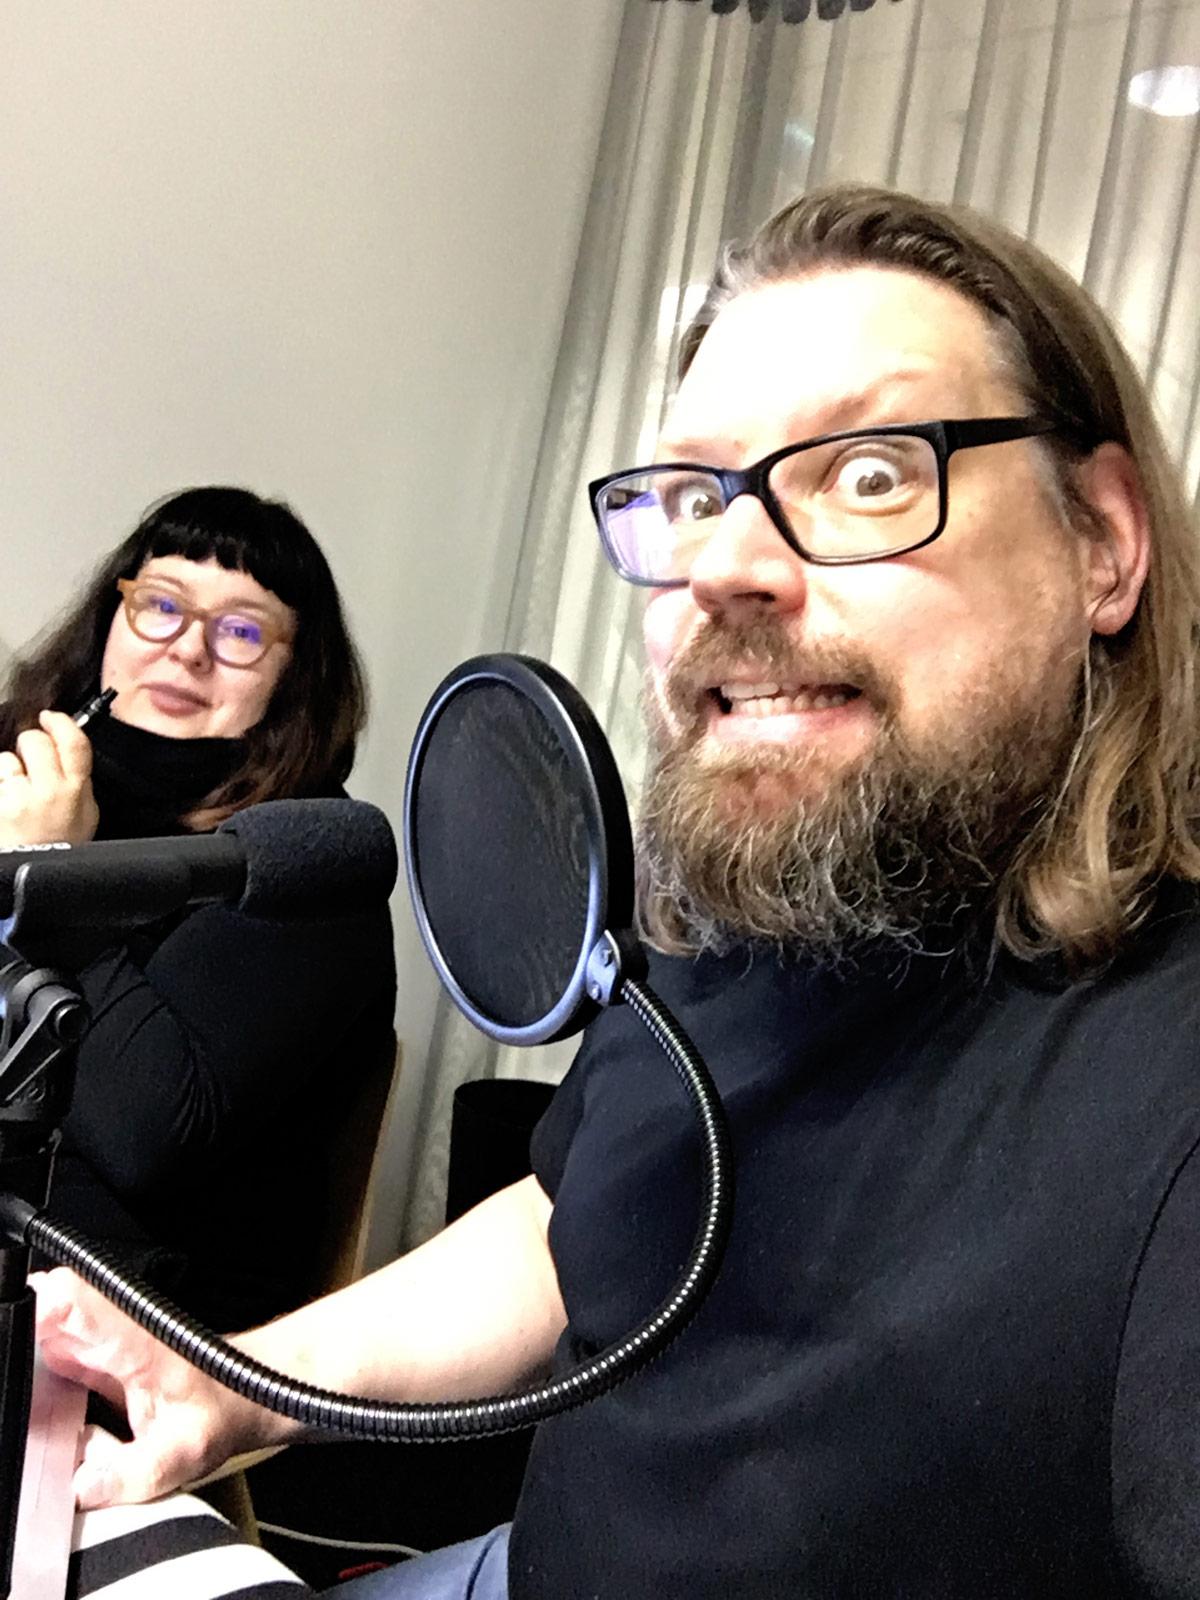 """""""Liisa Pörsä"""" (Helena Valtonen) ja """"Stinde Koistinen"""" (Aki Kiminki) ensimmäisessä äänityssessiossa."""